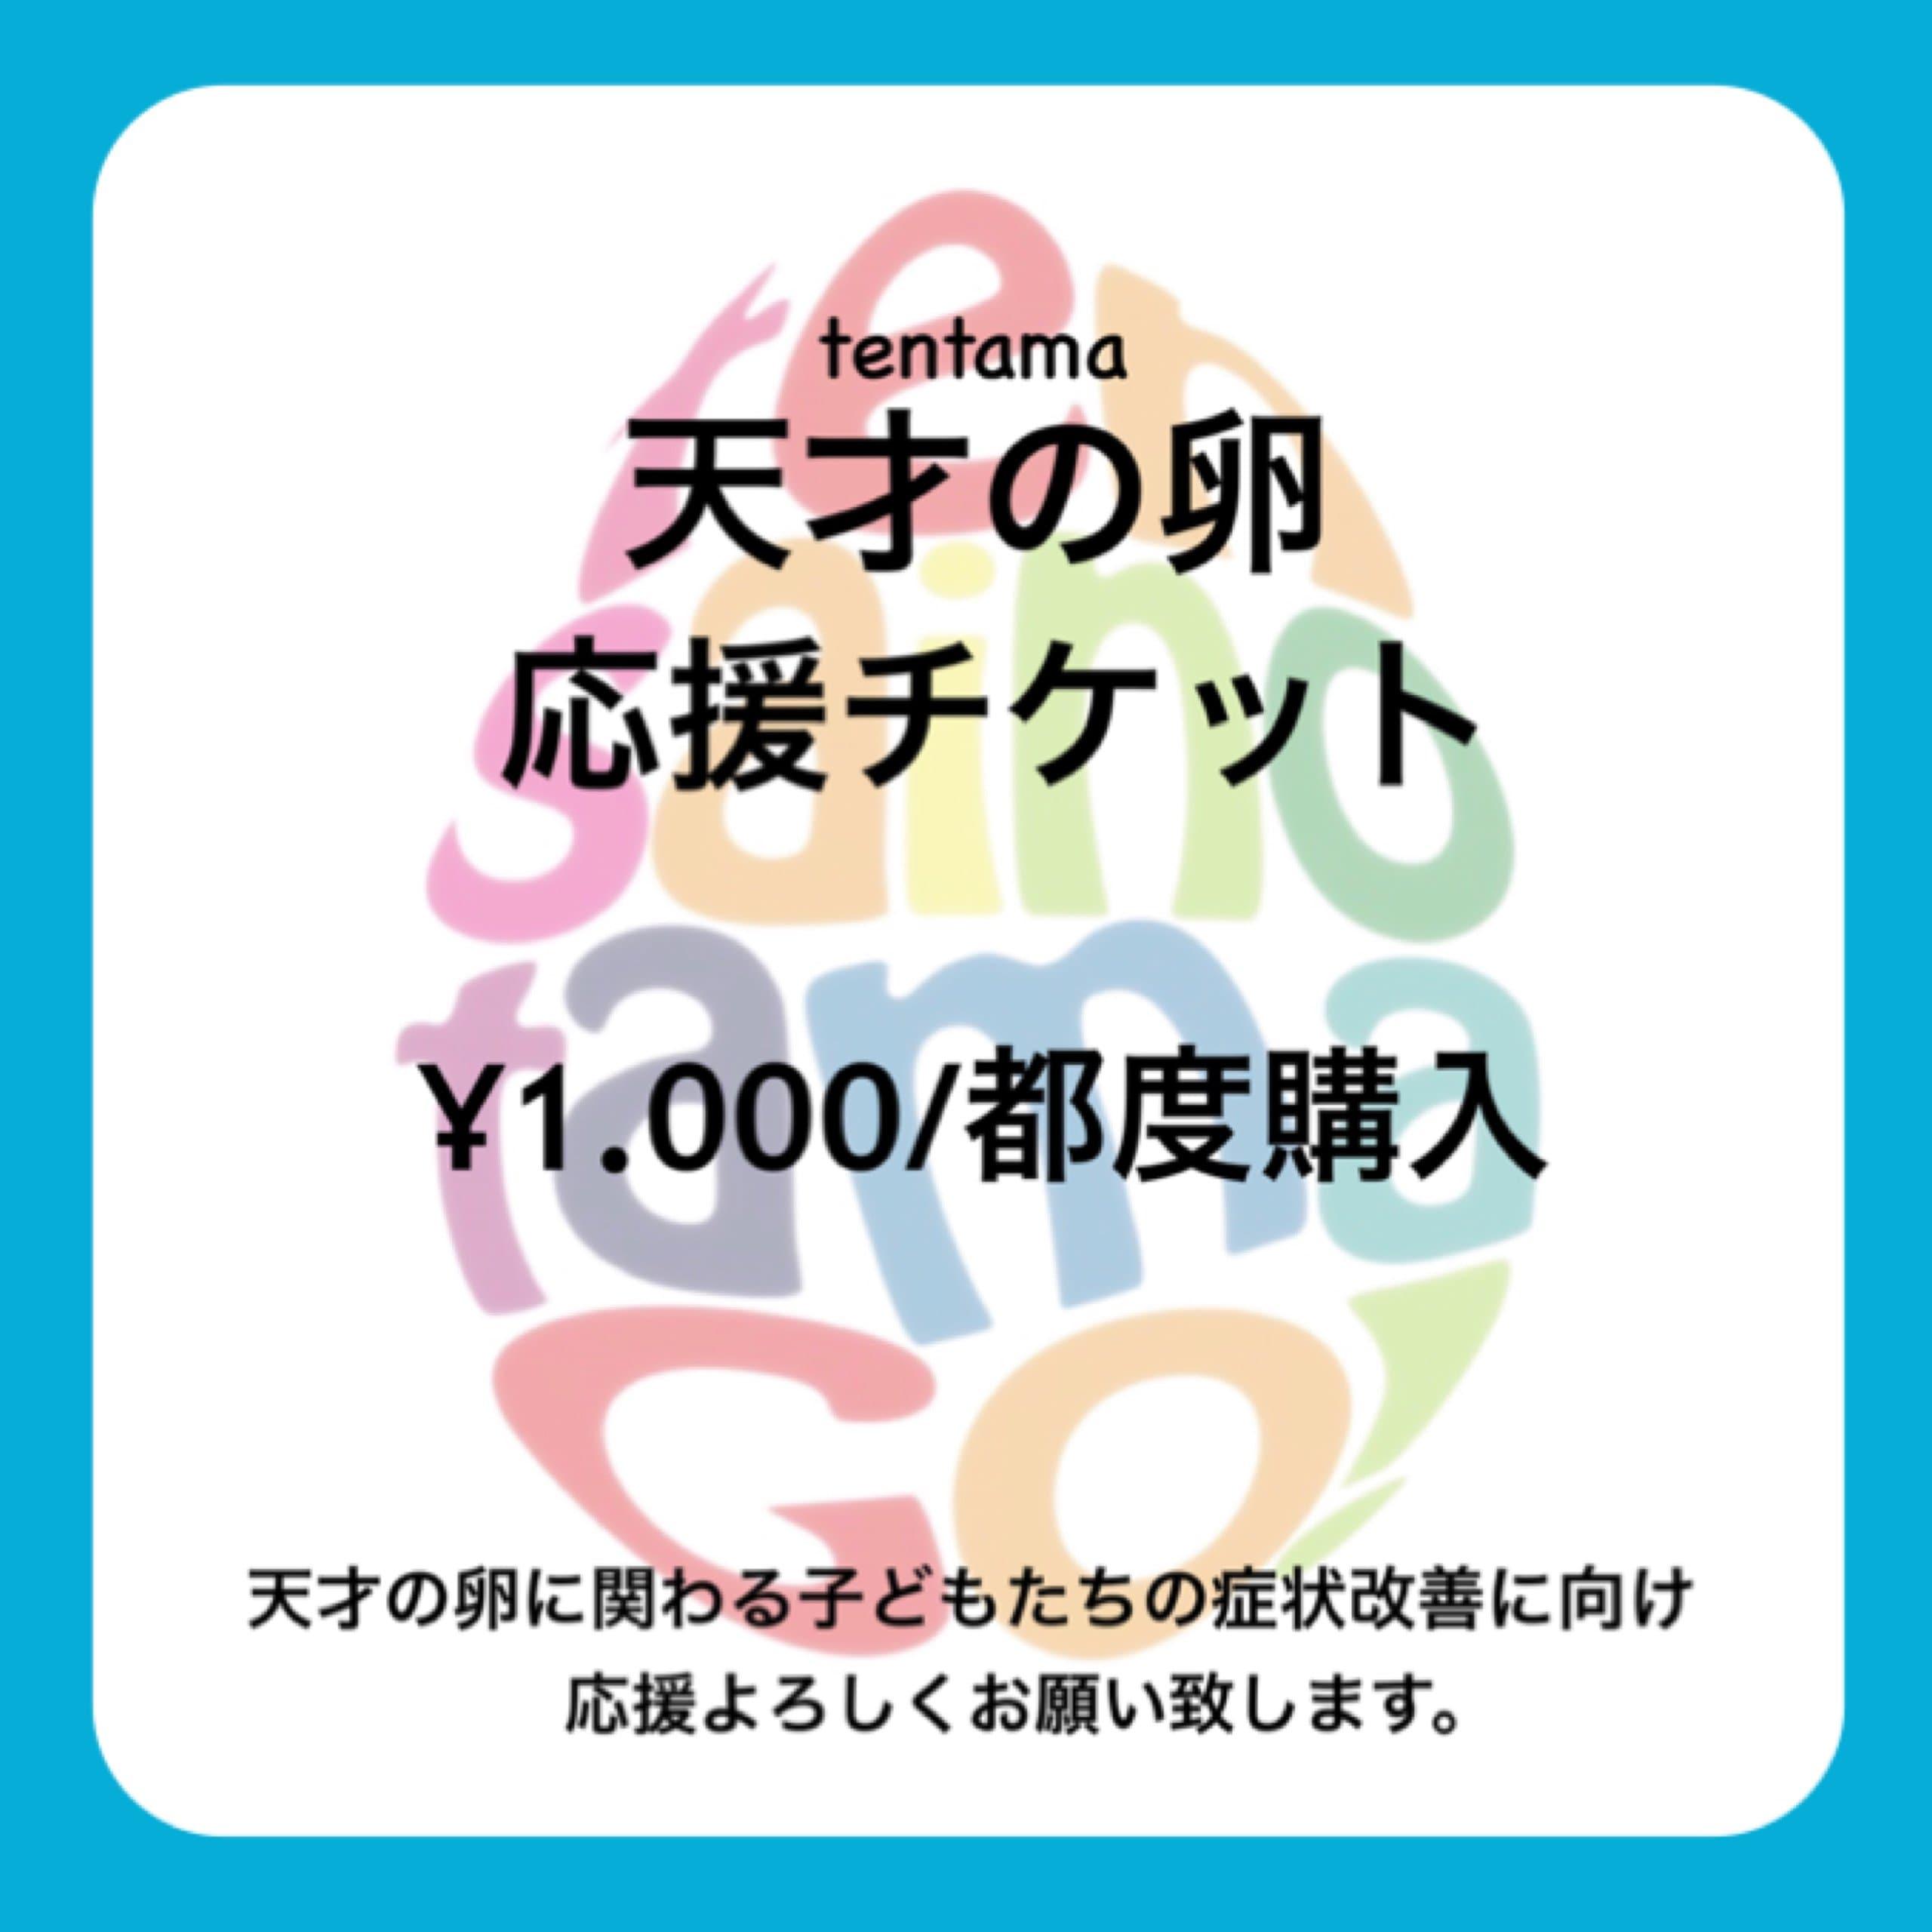 一般社団法人天才の卵応援チケット*¥1.000都度購入のイメージその1